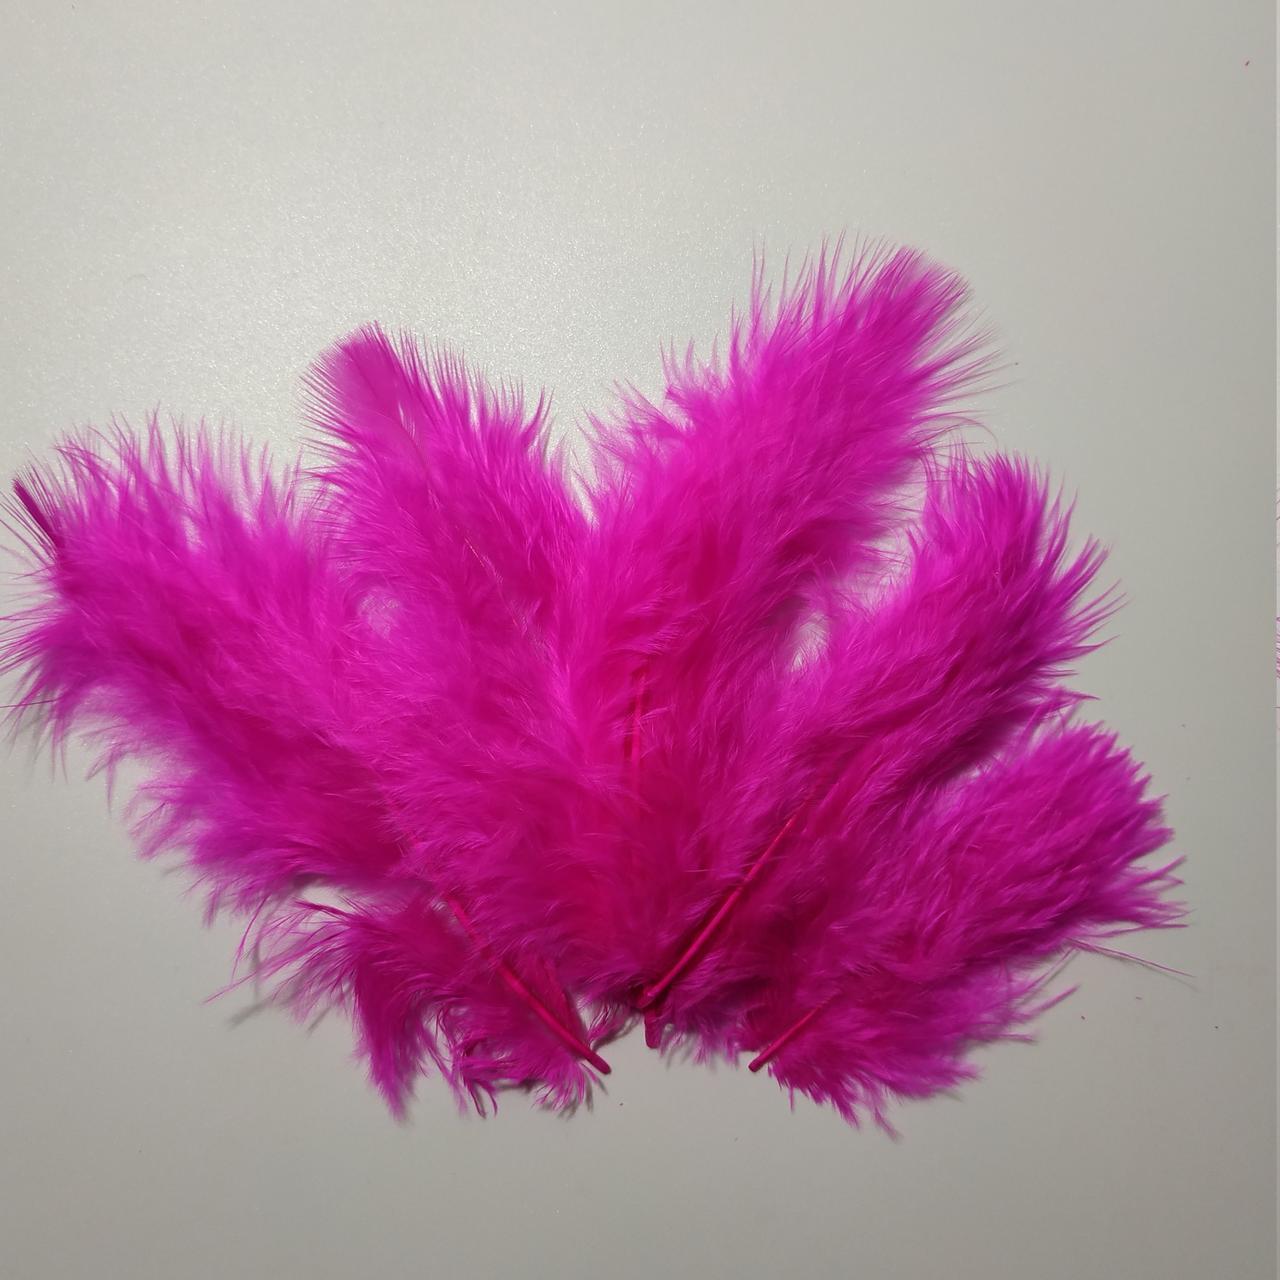 Декоративные перья SoFun 5-10 см малиновые 100 шт